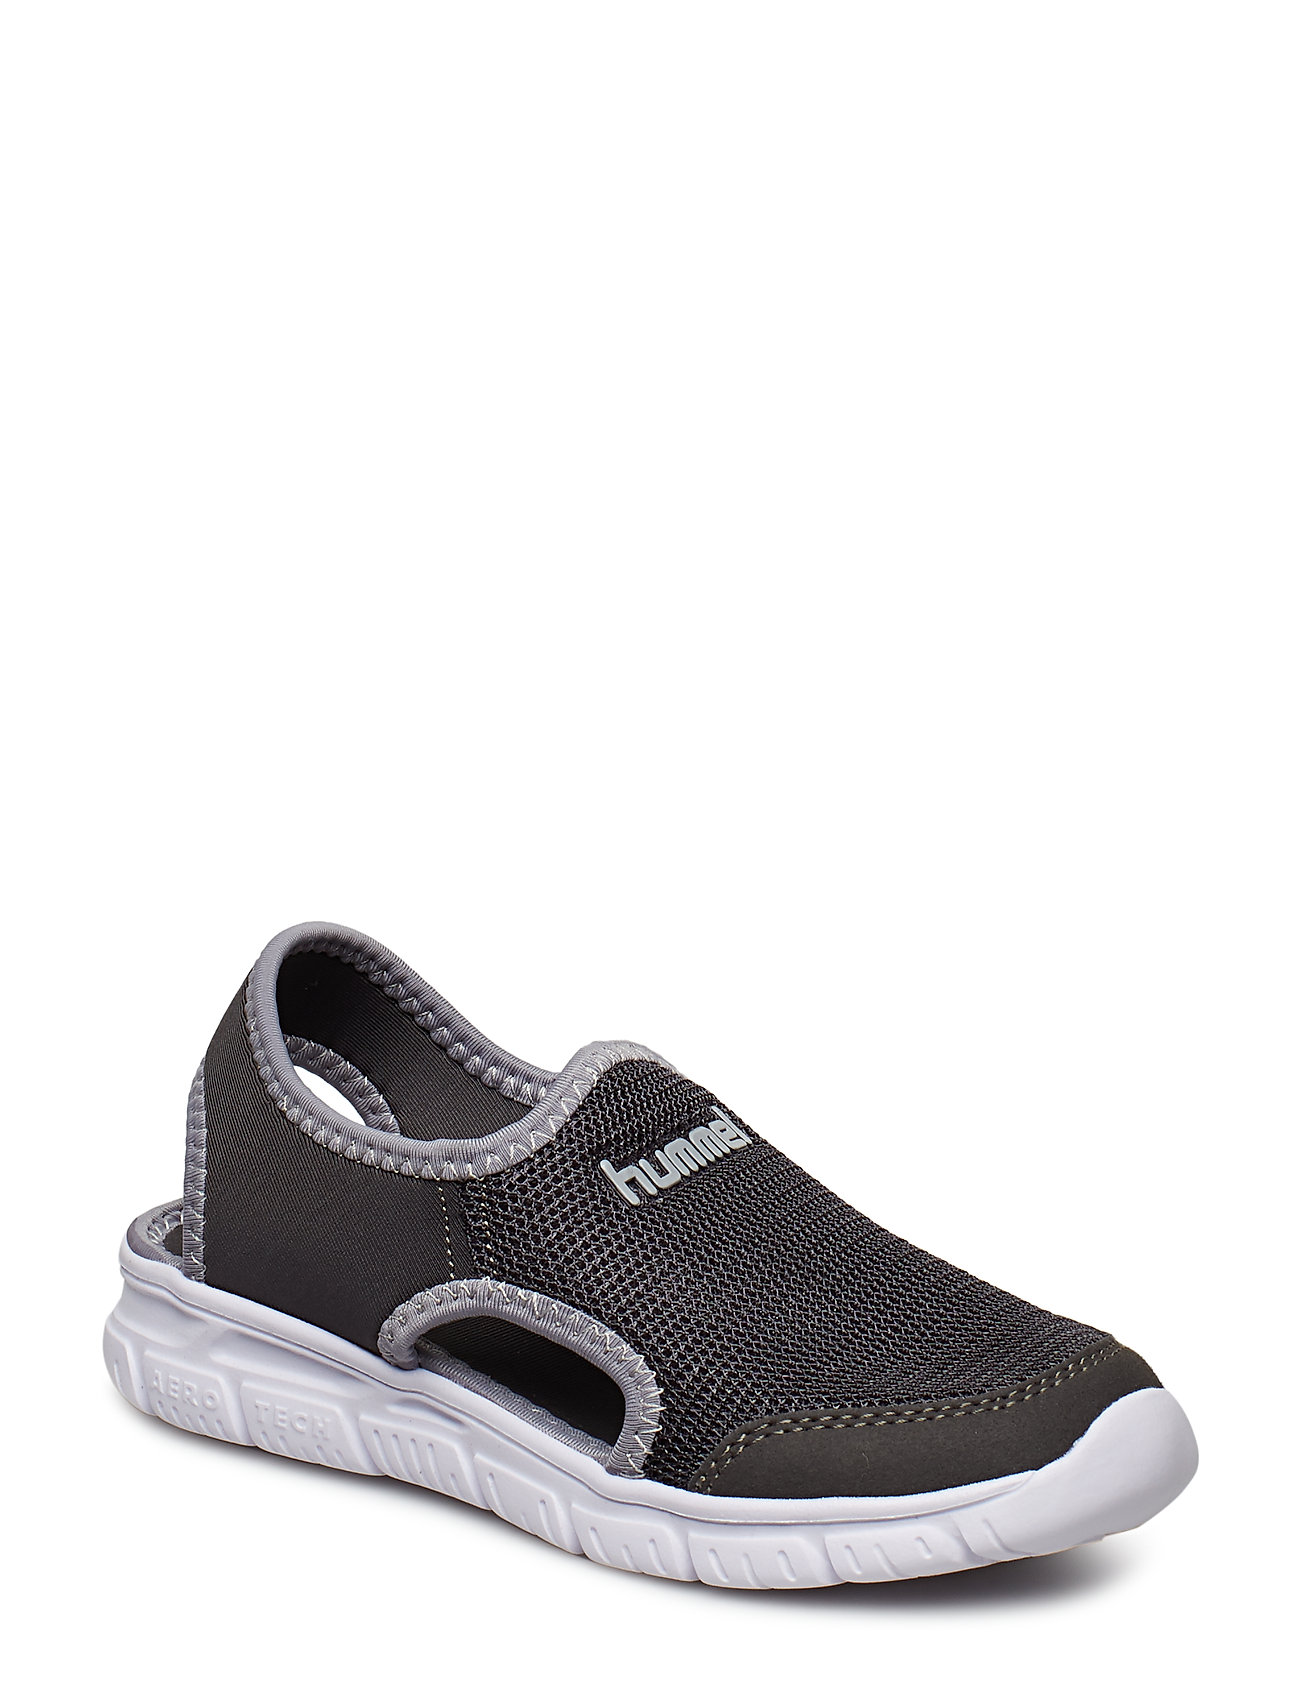 d5d2bf82a15 Playa Crosslite Jr sandaler fra Hummel til børn i ASPHALT - Pashion.dk